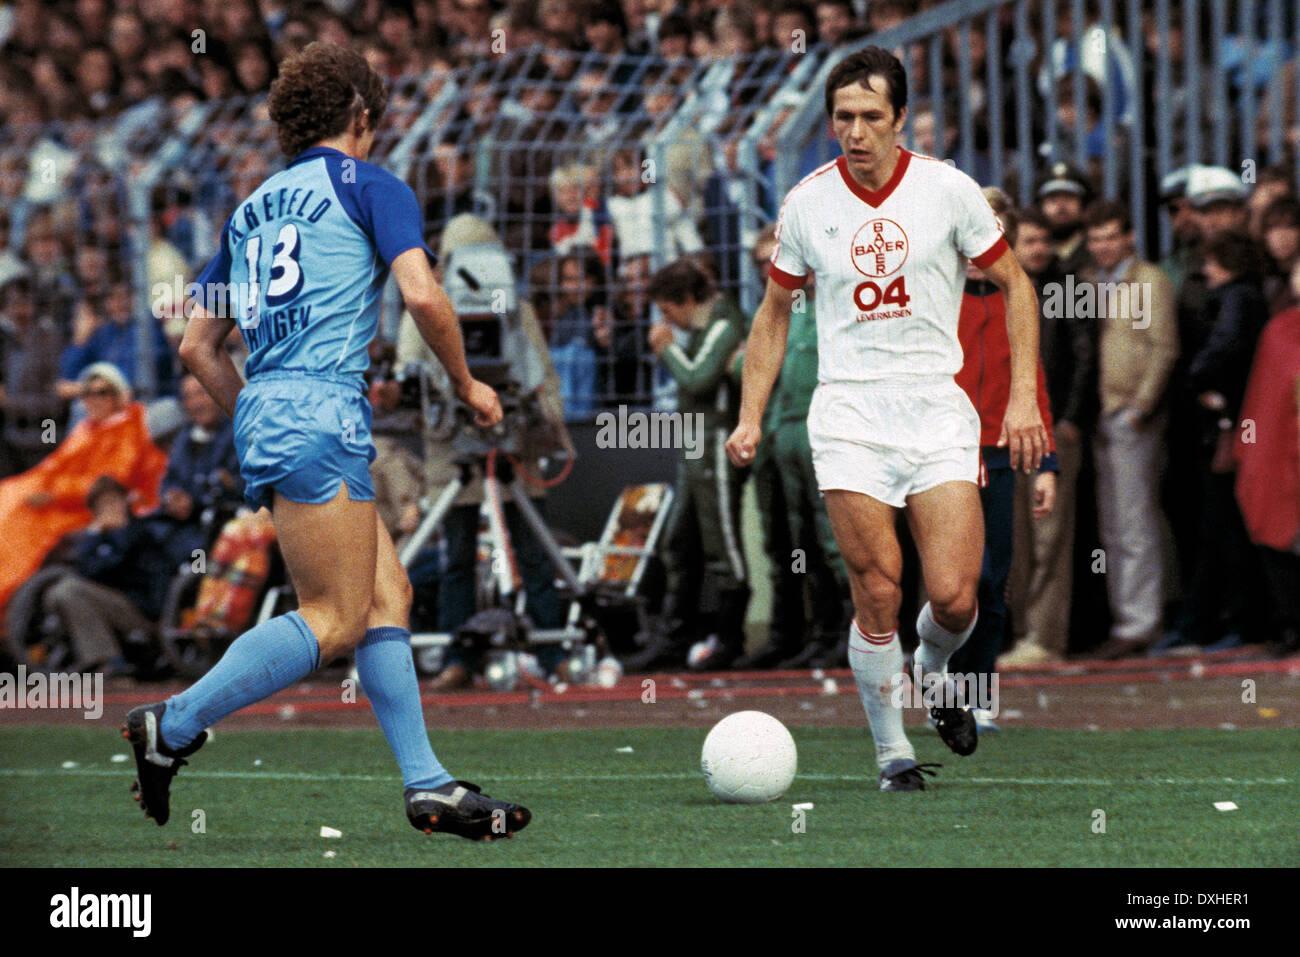 football, Bundesliga, 1983/1984, Grotenburg Stadium, FC Bayer 05 Uerdingen versus Bayer 04 Leverkusen 2:1, scene of the match, Rudolf Wojtowicz (Leverkusen) in ball possession, left Norbert Hofmann (Uerdingen) - Stock Image